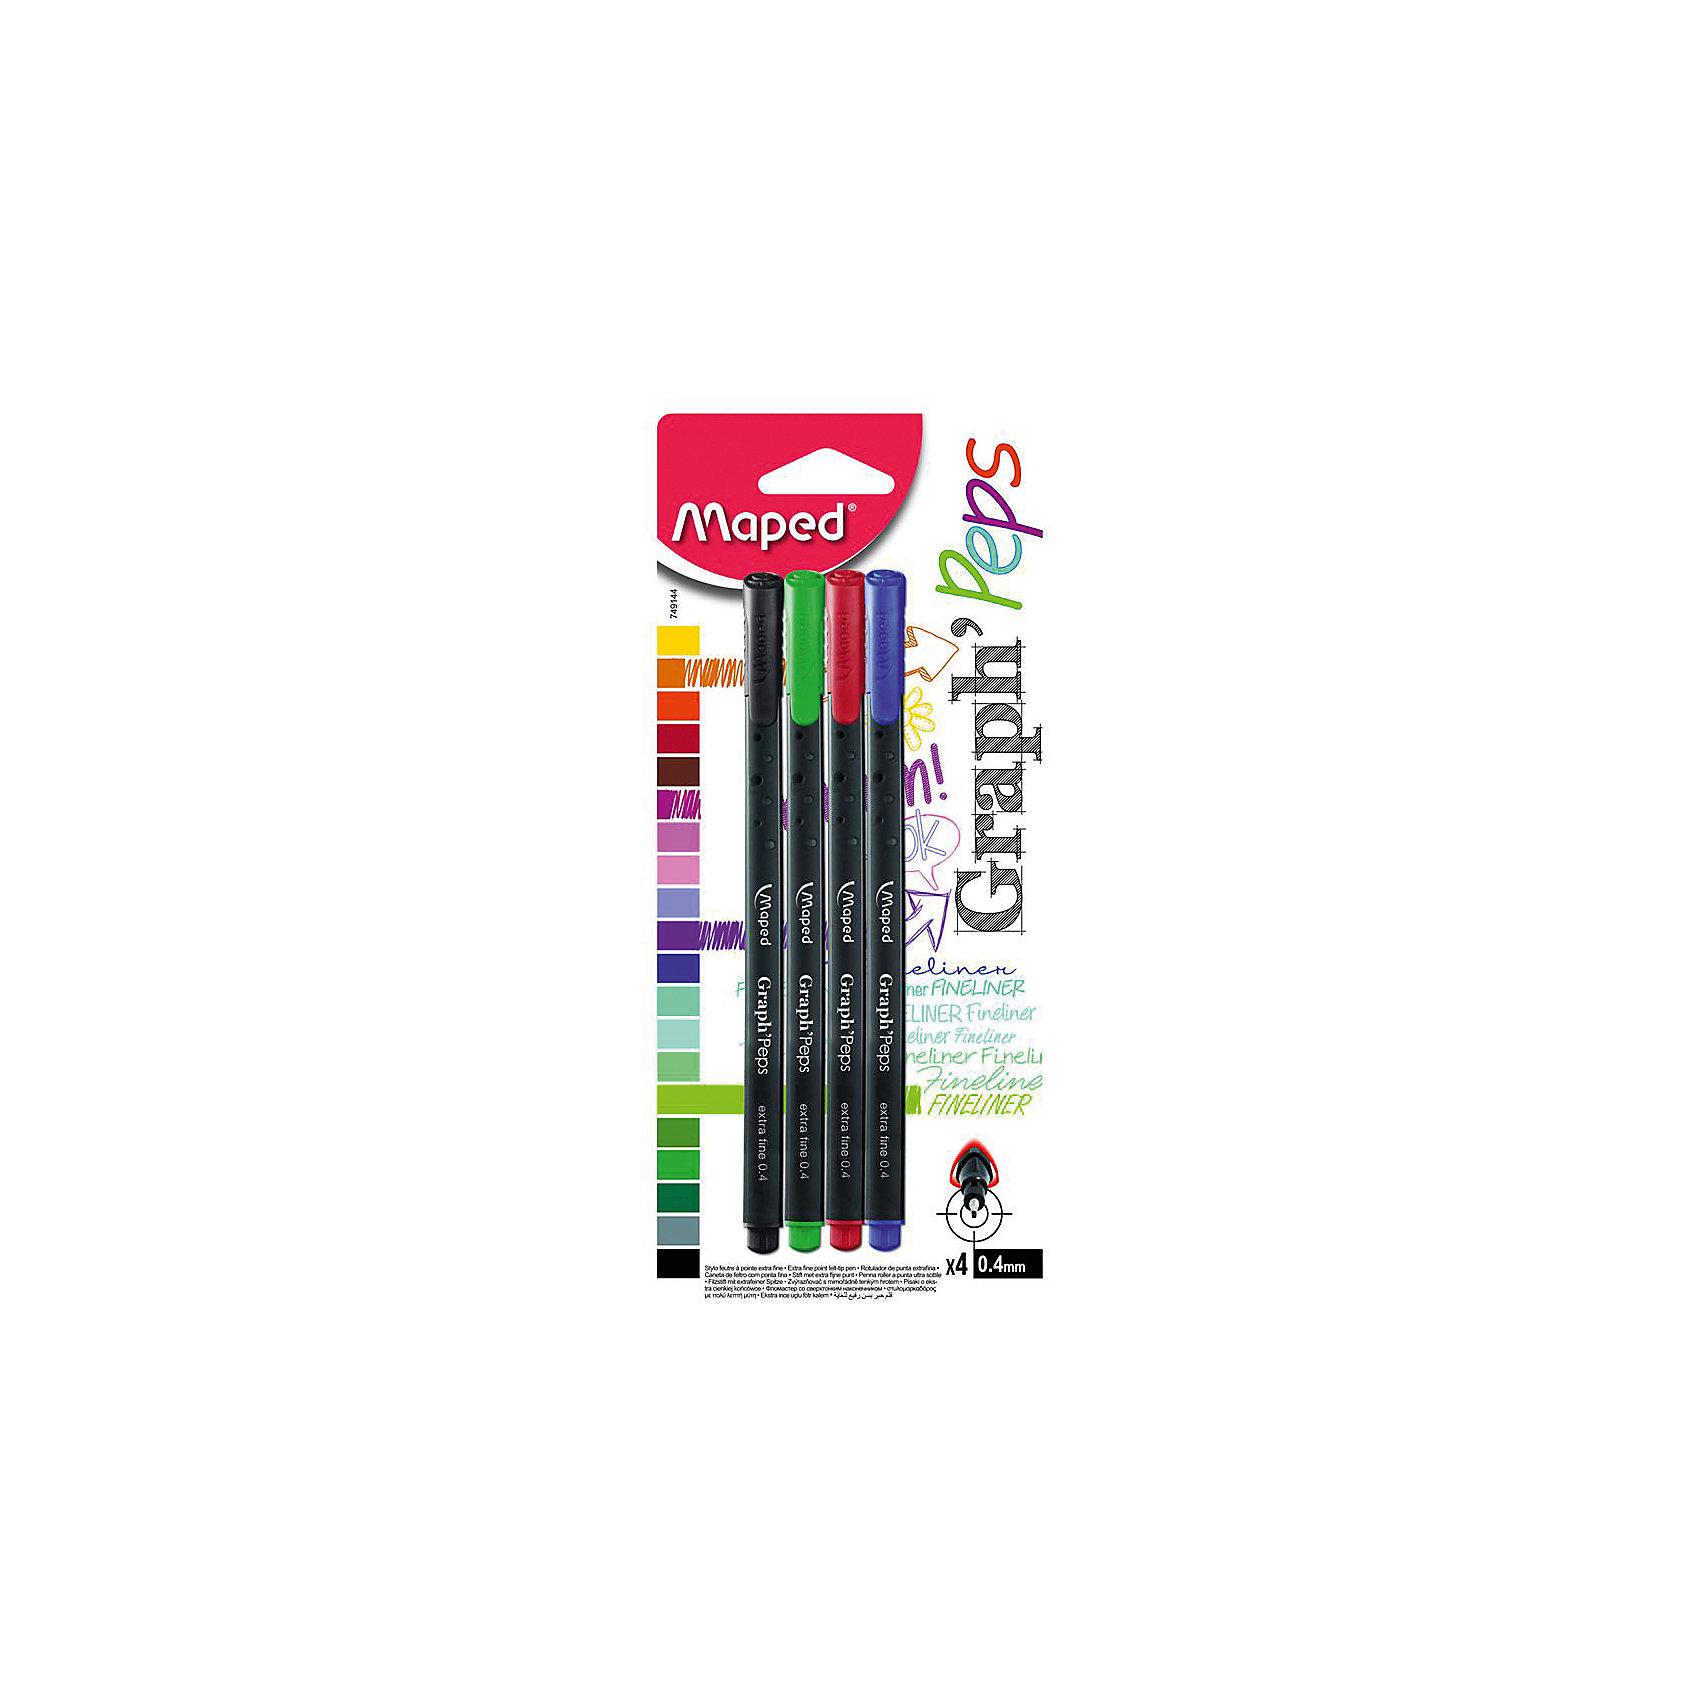 Капилярная ручка 0.4 мм, 4 цв.Письменные принадлежности<br>Капиллярная ручка 0.4 мм, 4 цв. от марки Maped<br><br>Удобные ручки от компании Maped в классическом корпусе. Пишущий инструмент отличного качества! Капиллярная ручка имеет металлический наконечник и защиту от протекания чернил.<br>Отлично ложится в руке, пишет мягко. Дает аккуратную линию. Чернил хватает на долгое время, они быстро сохнут. В наборе - четыре ручки разных цветов.<br><br>Особенности данной модели:<br><br>ширина оставляемого следа: 0,4 мм;<br>цвета чернил и корпуса: синий, черный, зеленый, красный.<br><br>Капиллярная ручка 0.4 мм, 4 цв. от марки Maped можно купить в нашем магазине.<br><br>Ширина мм: 16<br>Глубина мм: 90<br>Высота мм: 210<br>Вес г: 34<br>Возраст от месяцев: 36<br>Возраст до месяцев: 2147483647<br>Пол: Унисекс<br>Возраст: Детский<br>SKU: 4684752